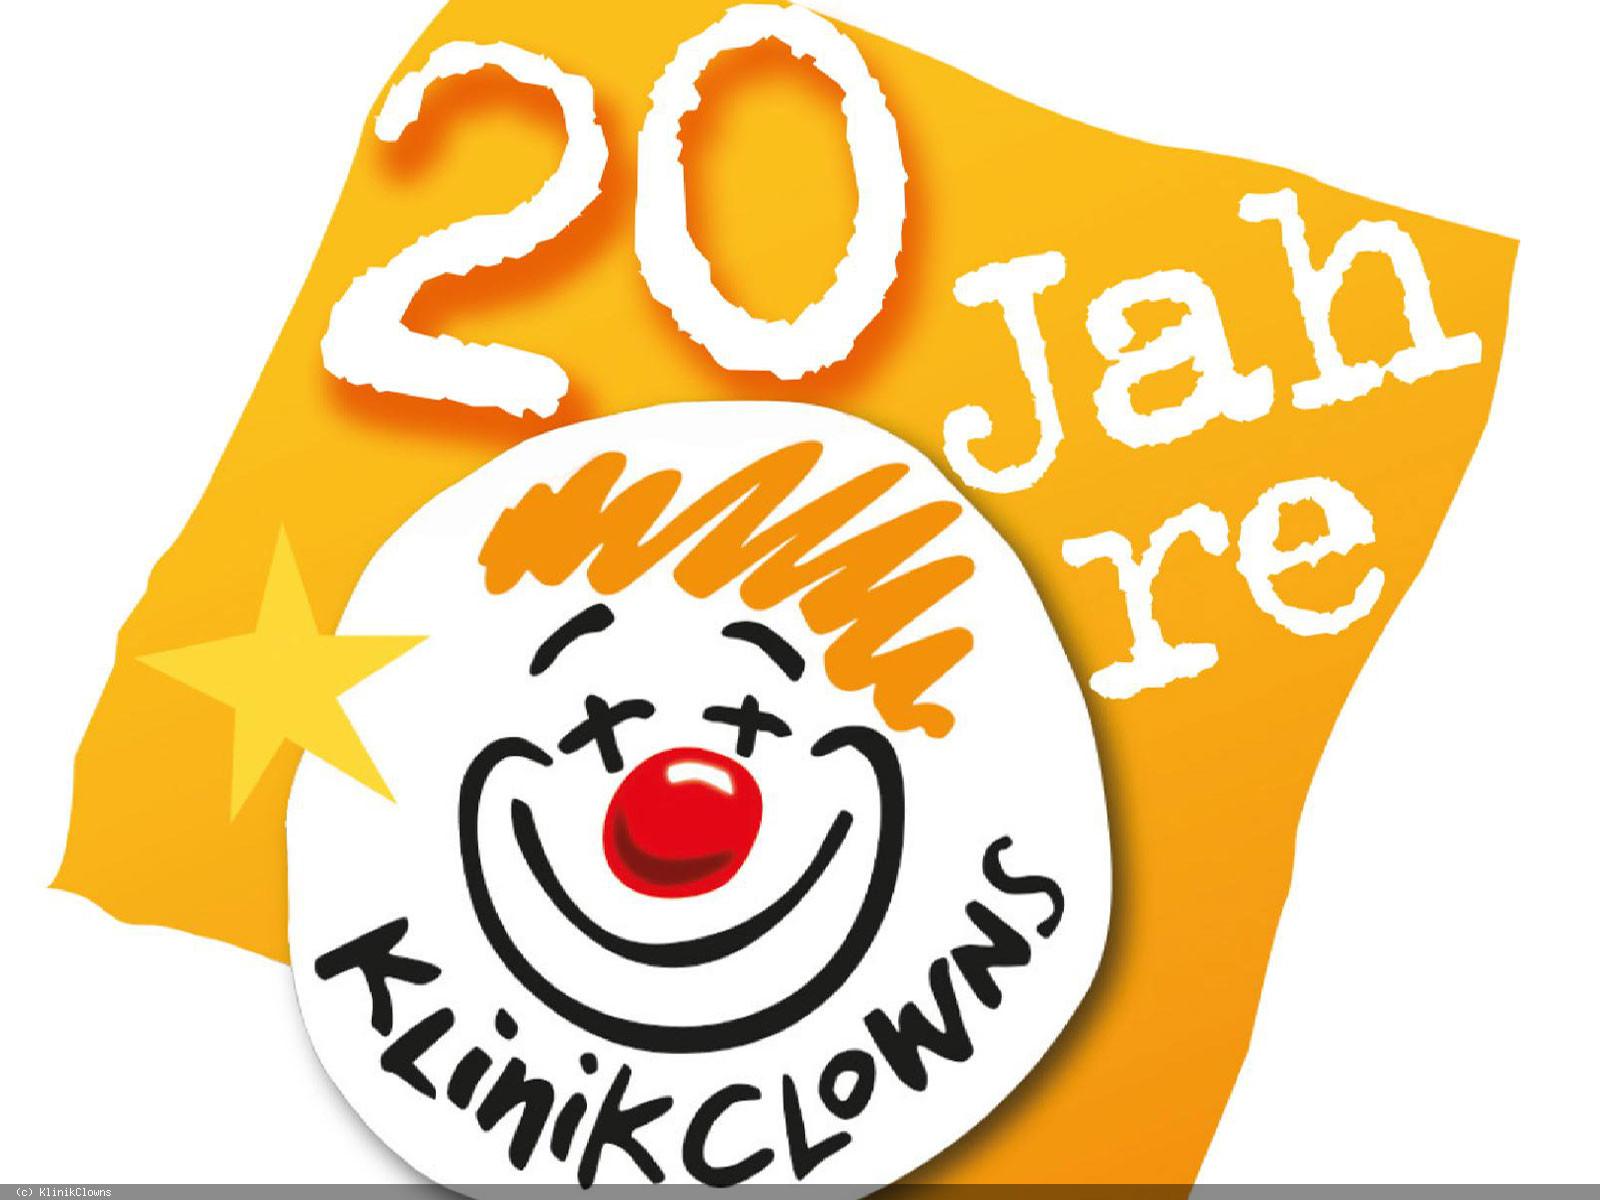 Oranges Logo 20 JahreKlinikClowns  mit Strichzeichung eines lachenden Clowns. Foto: KlinikClowns